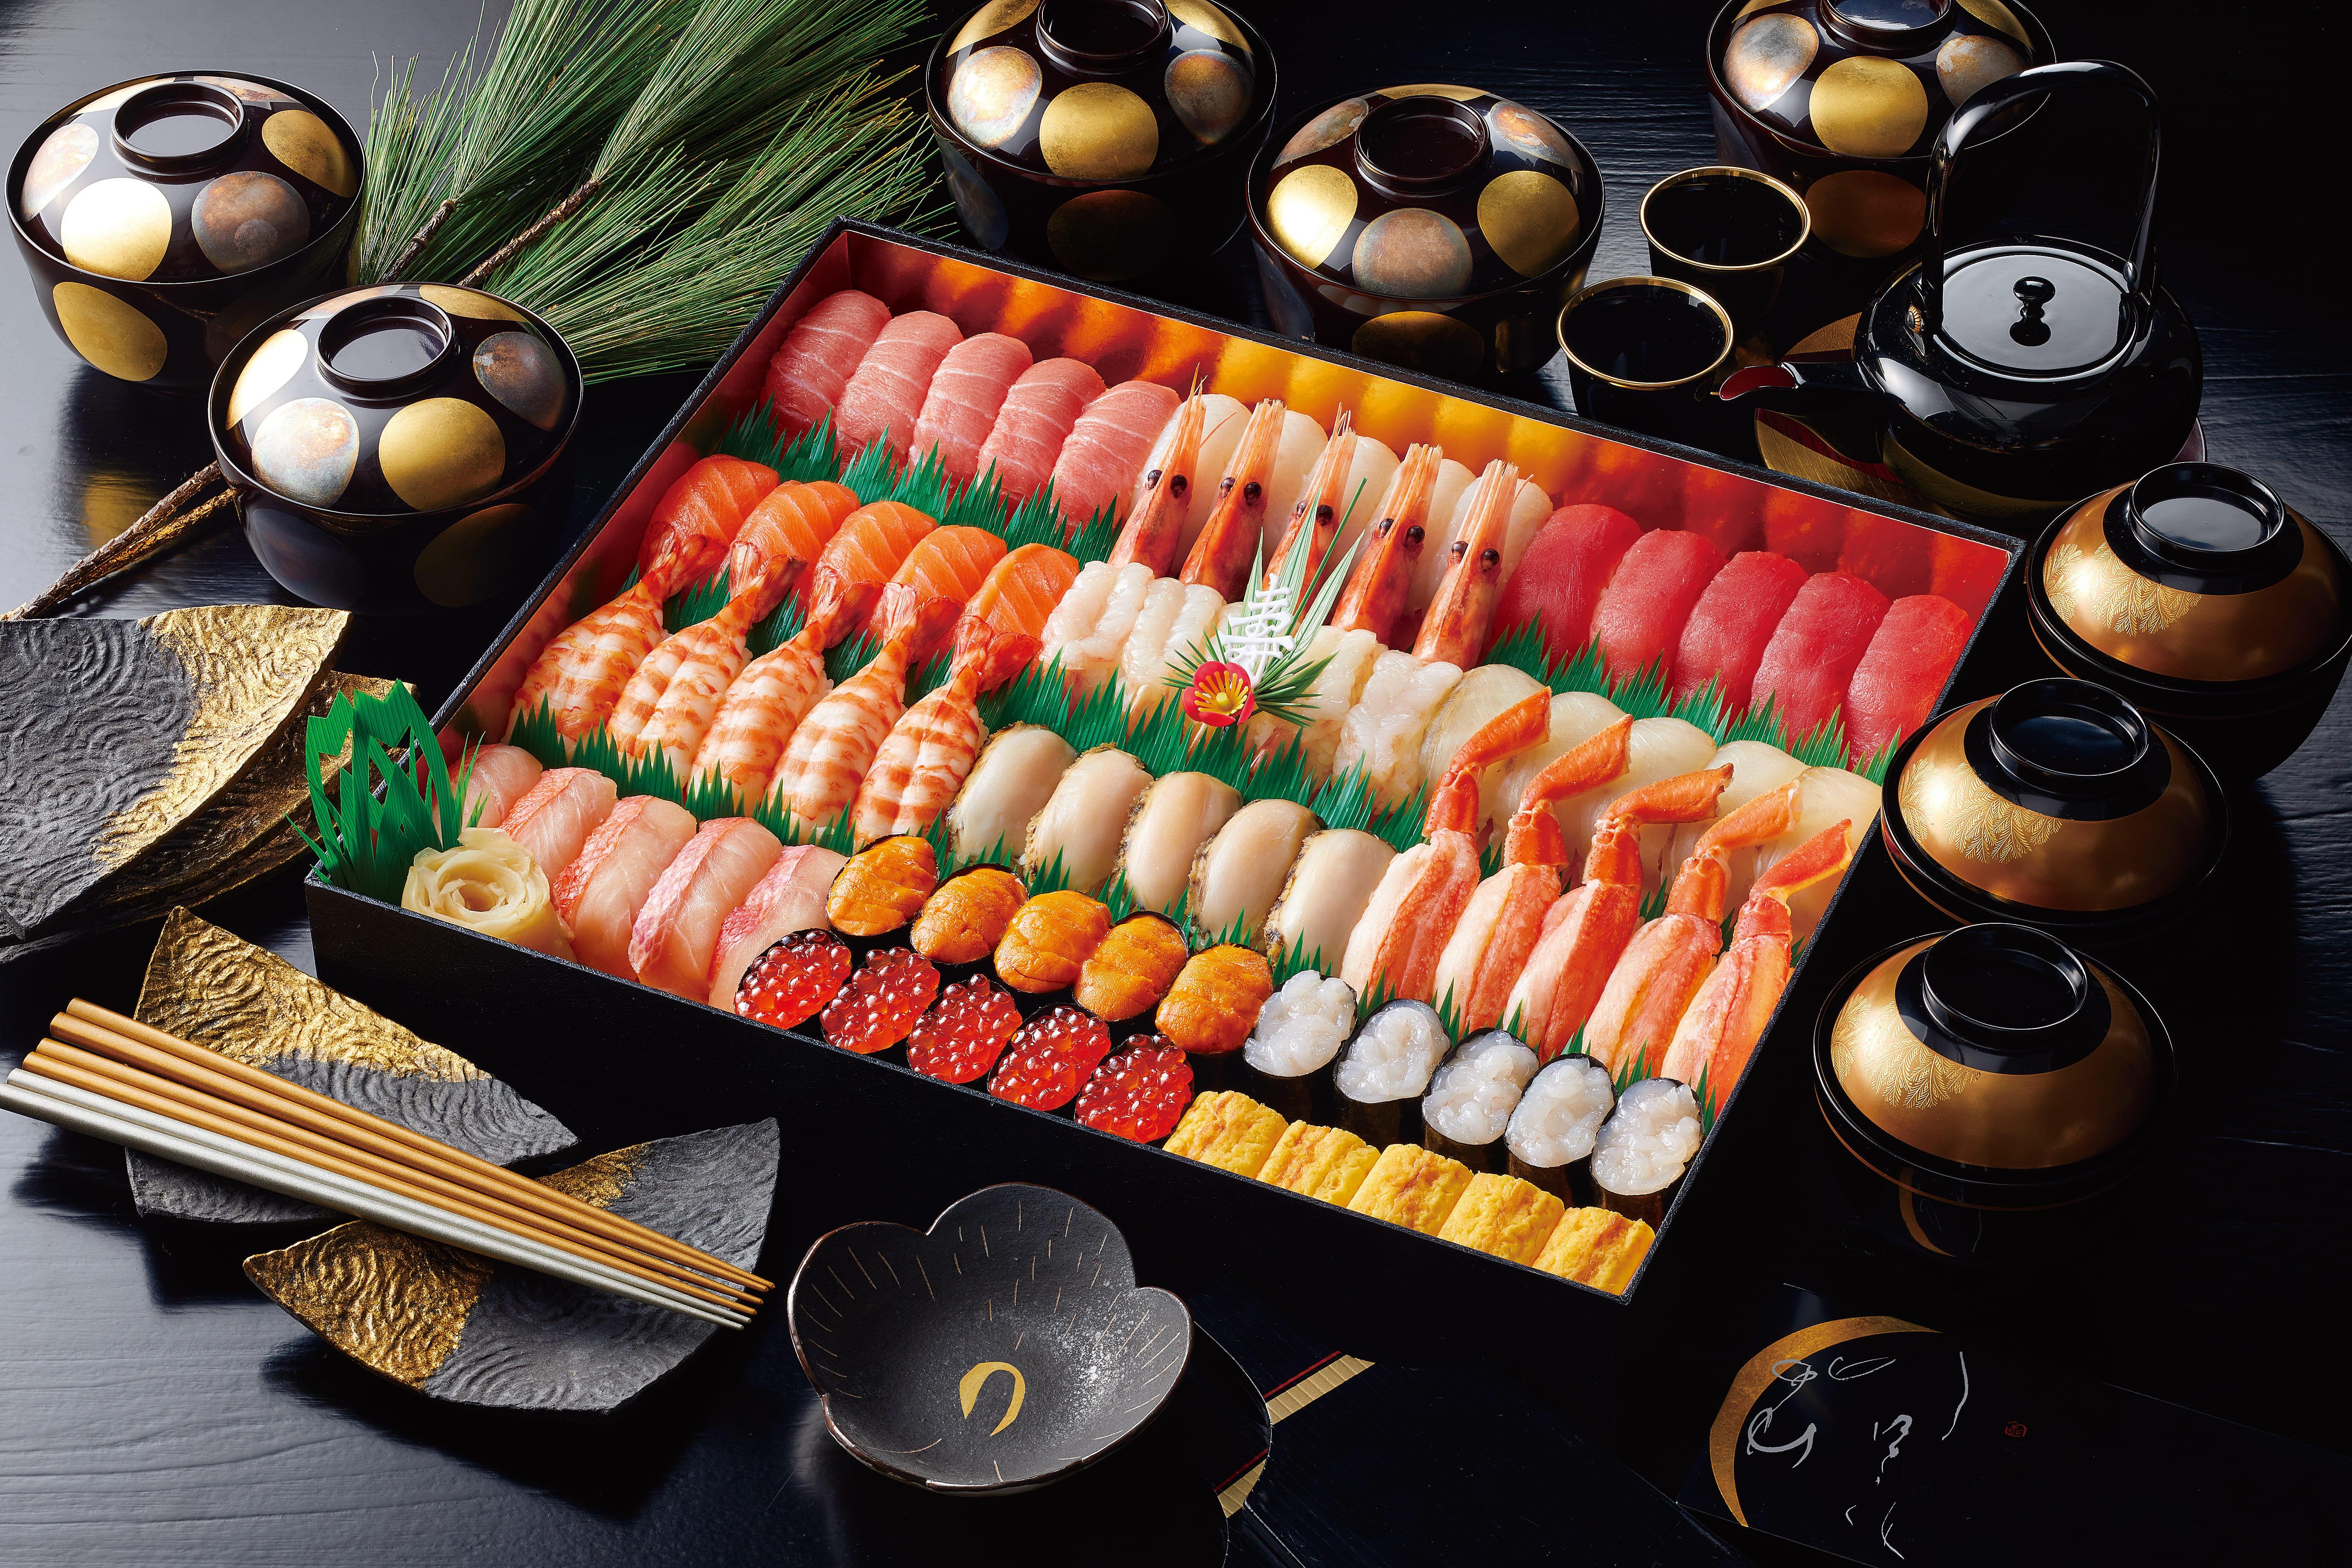 宅配寿司 銀のさら | 年末年始限定のスペシャル商品 「寿」・「吟」2021年10月5日(火)~予約受付スタート! 対象商品をご注文で、お得なデリポイントキャンペーンも実施